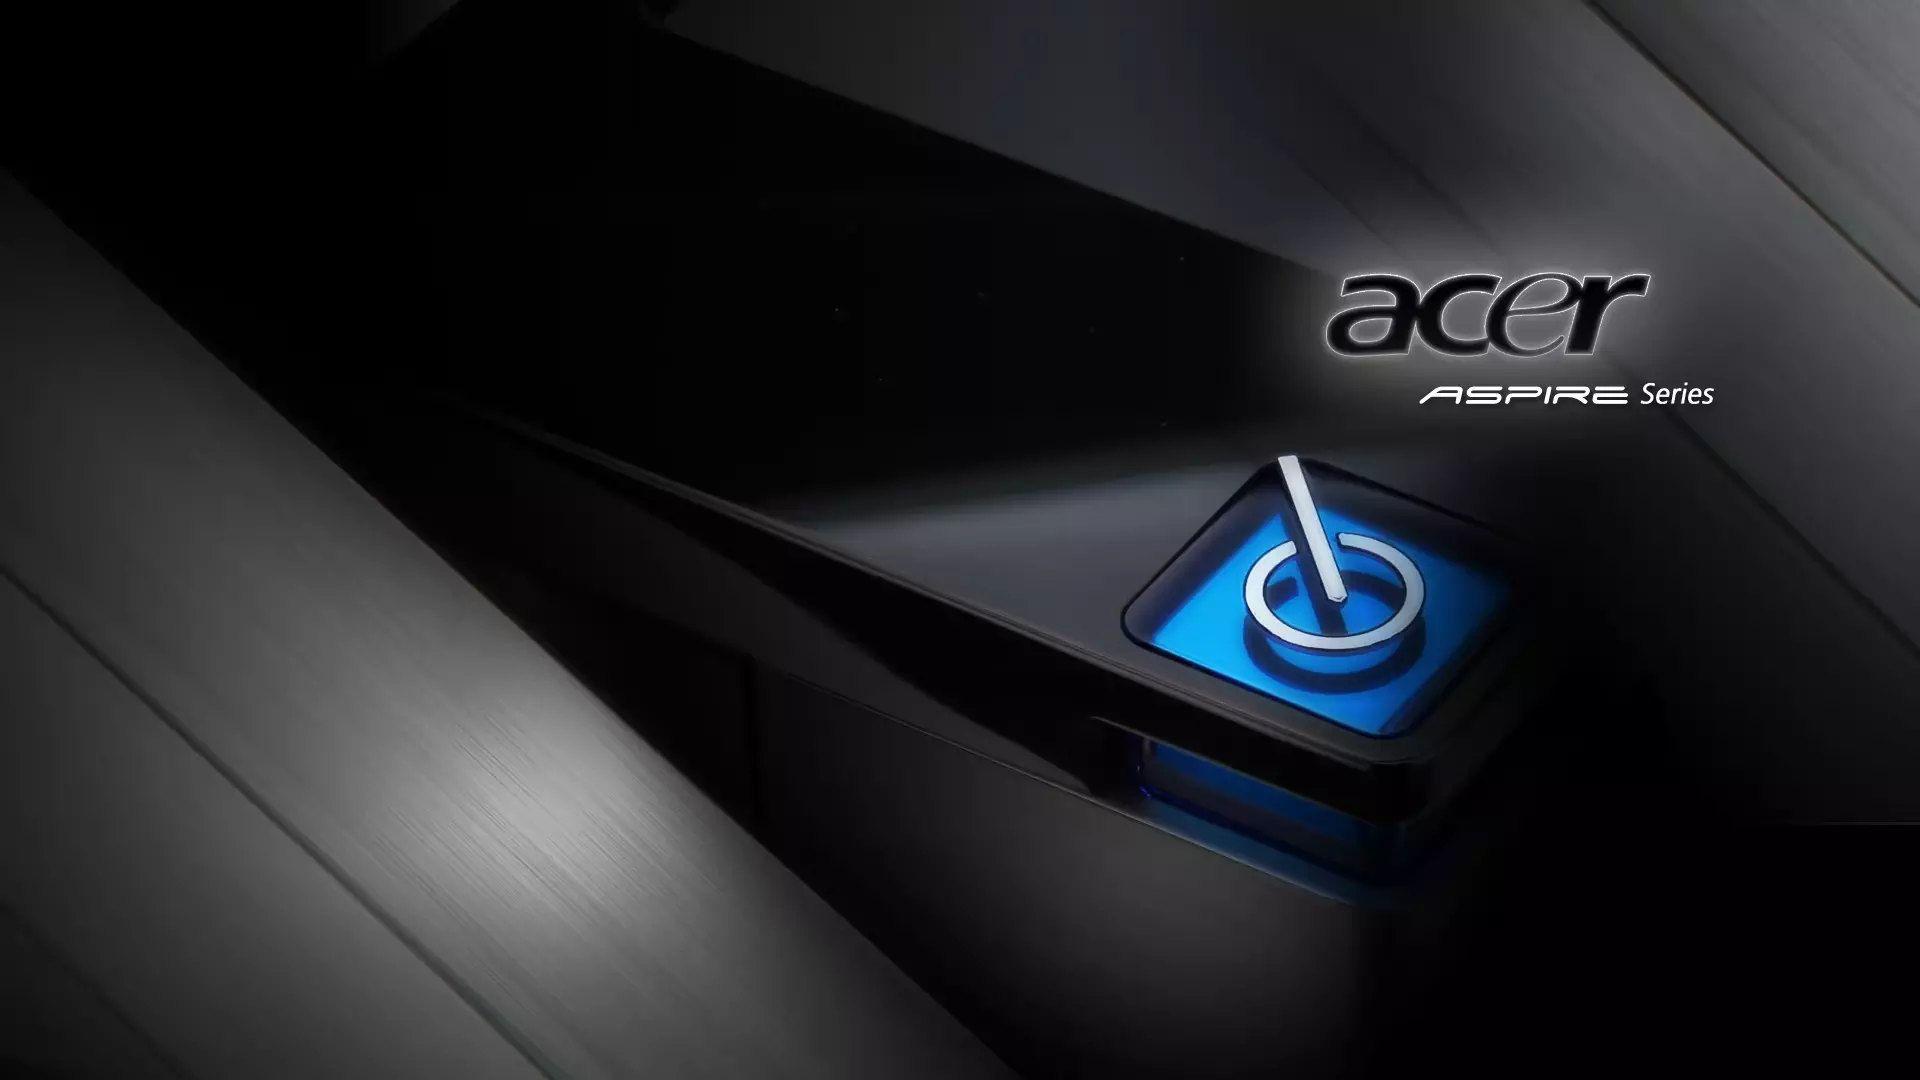 Screensaver Acer Aspire Desktop